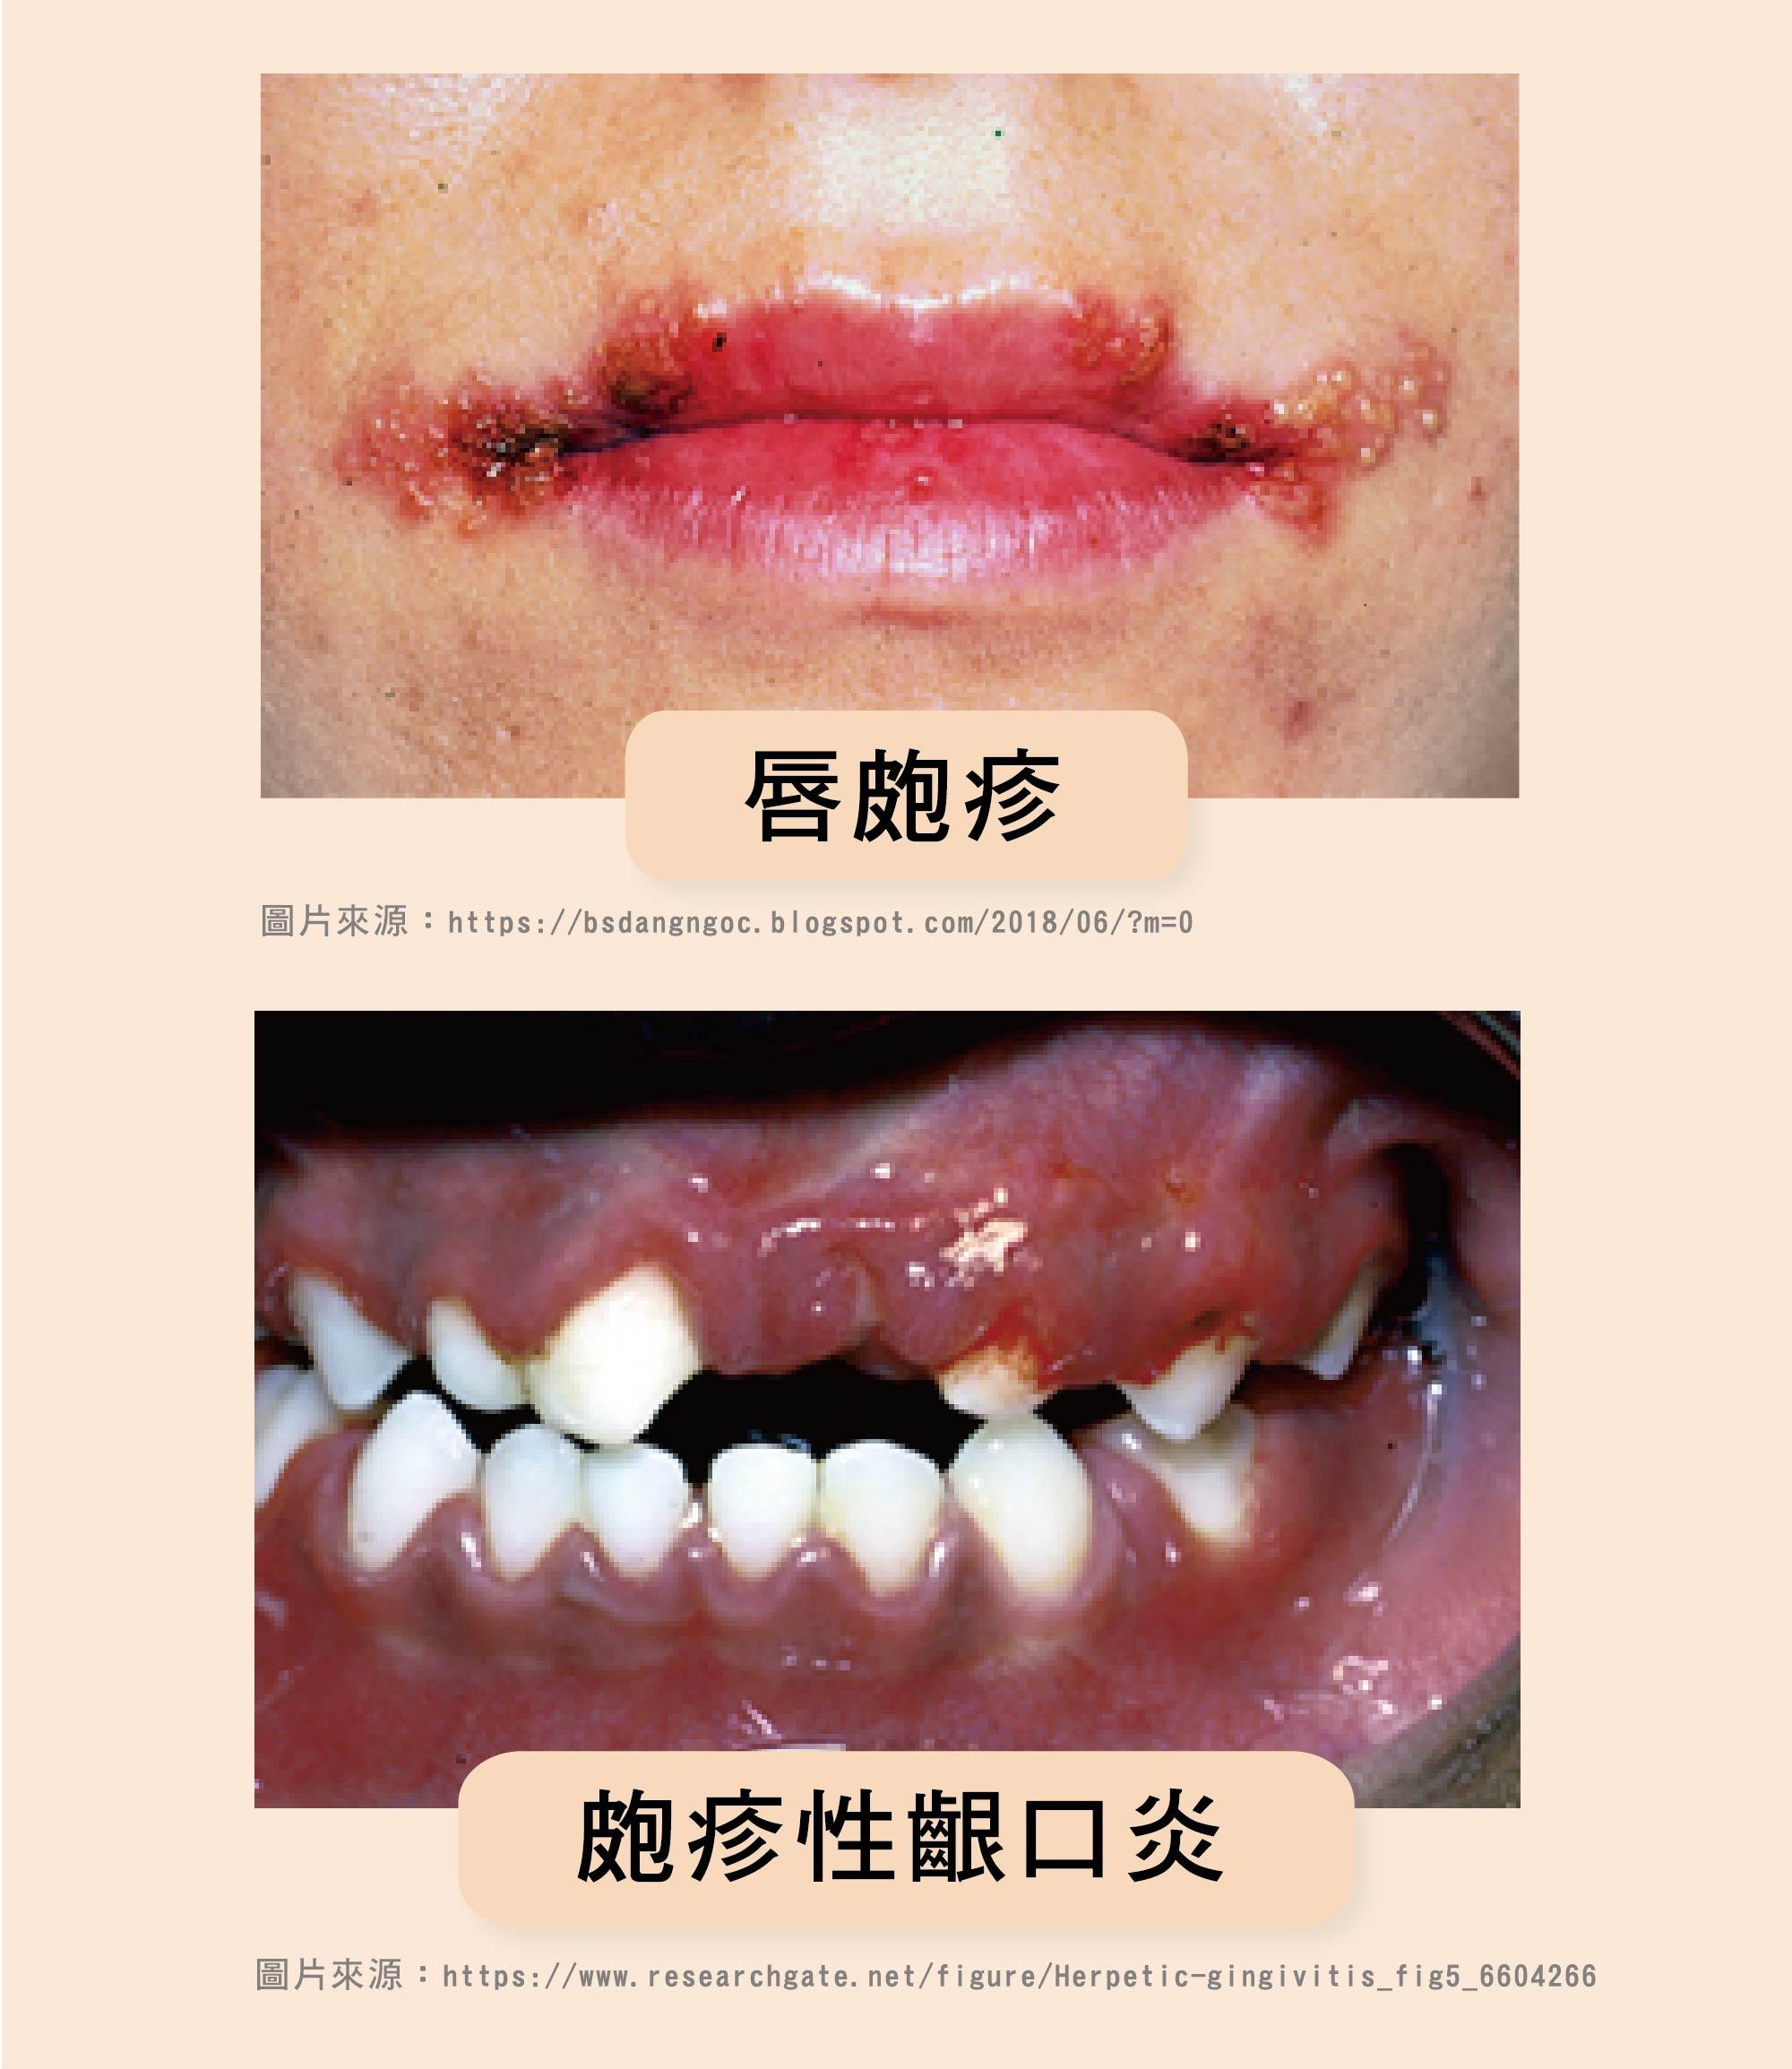 唇皰疹/文:黃瀚霆醫師 - 潮代診所 林黑潮 減肥 減重 瘦身 門診 健康減重